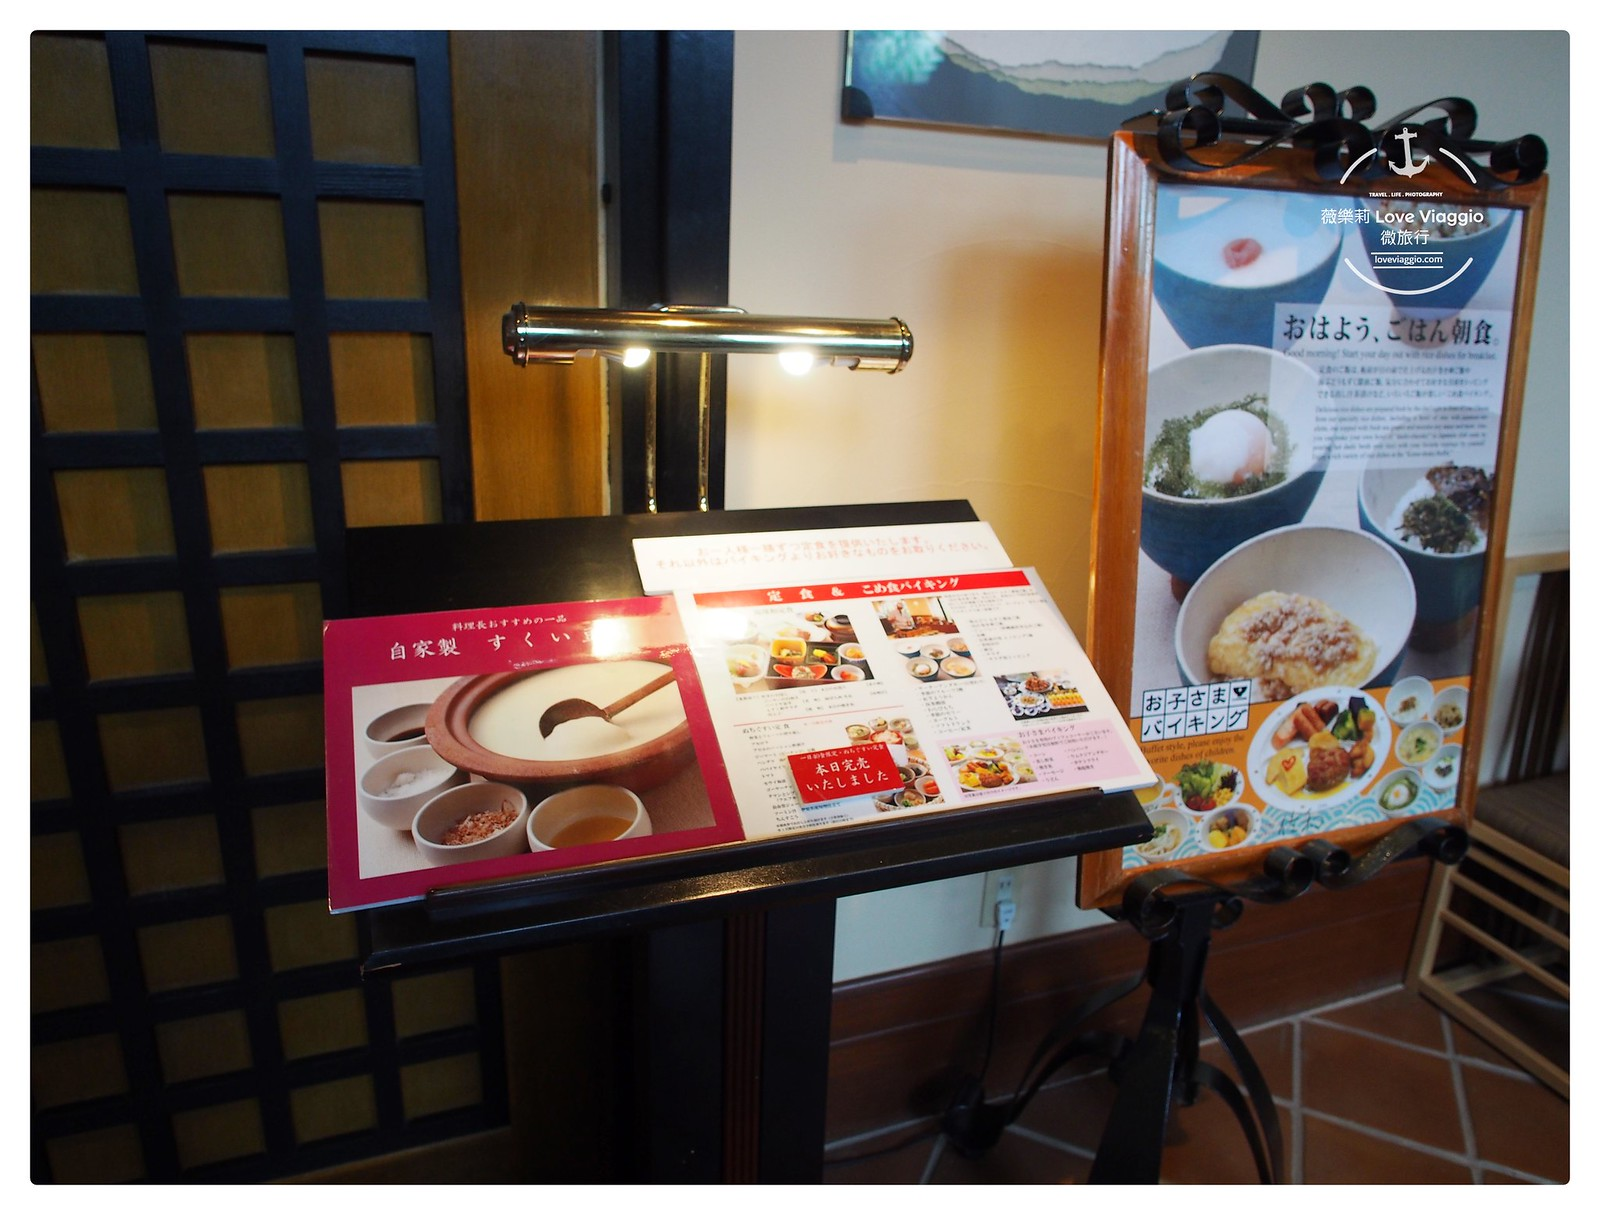 【沖繩 Okinawa】入住Alivlia日航 一次品嚐西式與日式早餐 HANA HANA/佐和 @薇樂莉 Love Viaggio | 旅行.生活.攝影